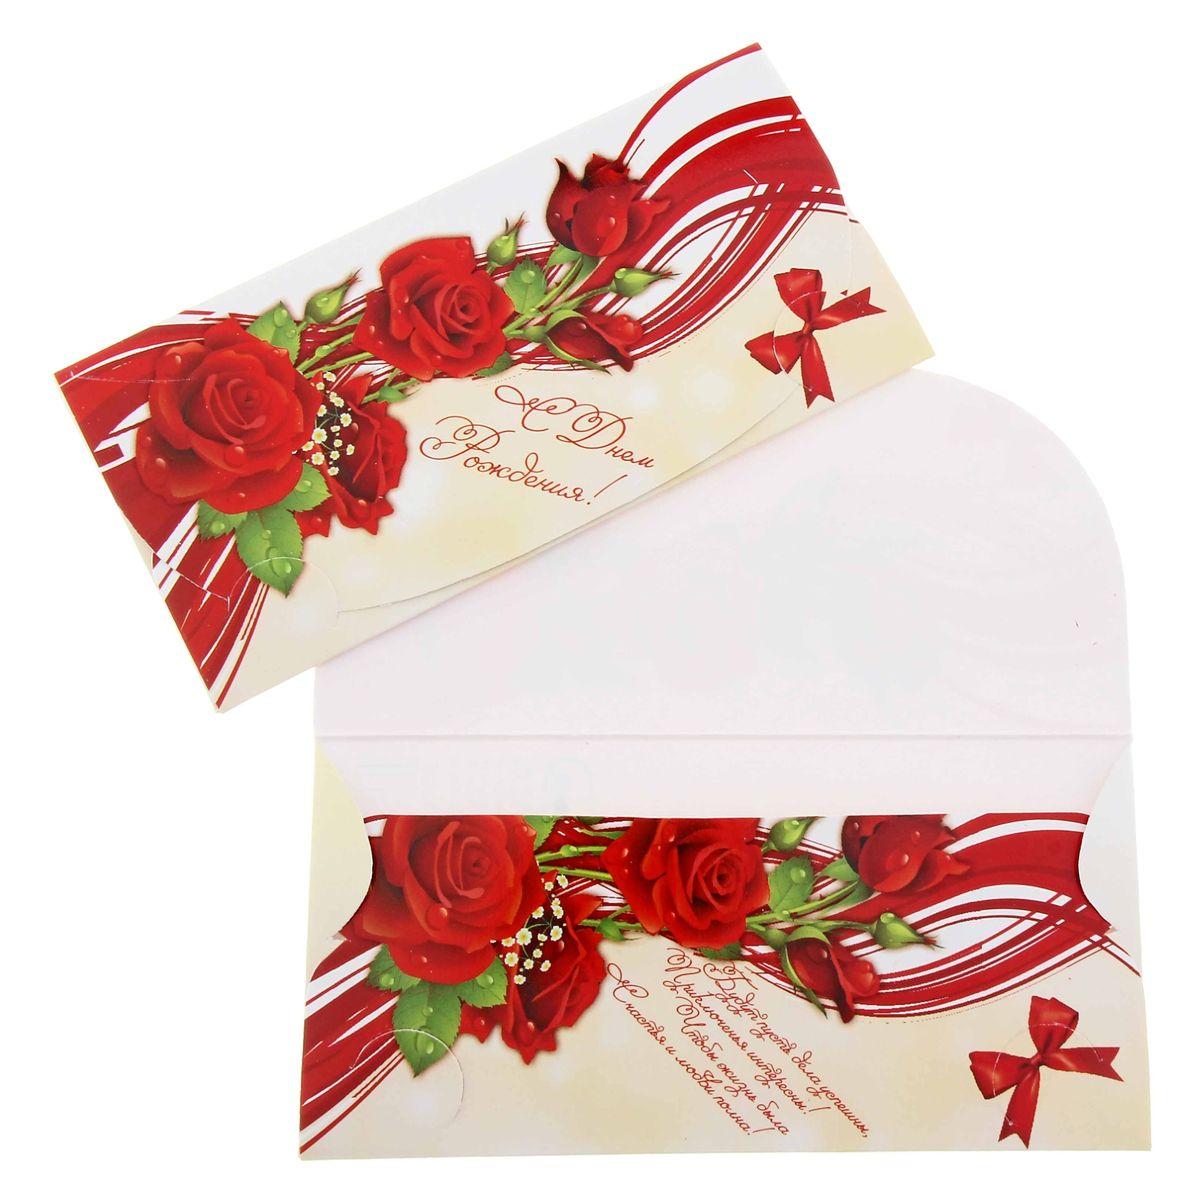 Конверт для денег С Днем Рождения. 191180C0038550Конверт для денег С Днем Рождения, изготовленный из плотного картона, украшен ярким принтом с надписью, продолжение которой - внутри конверта. Конверт отлично подойдет для денежного подарка.